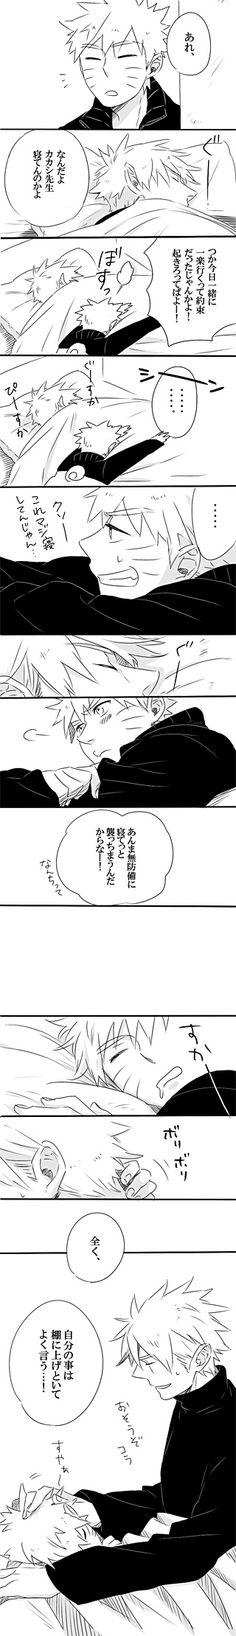 Sleeping Kakashi and Naruto | KakaNaru